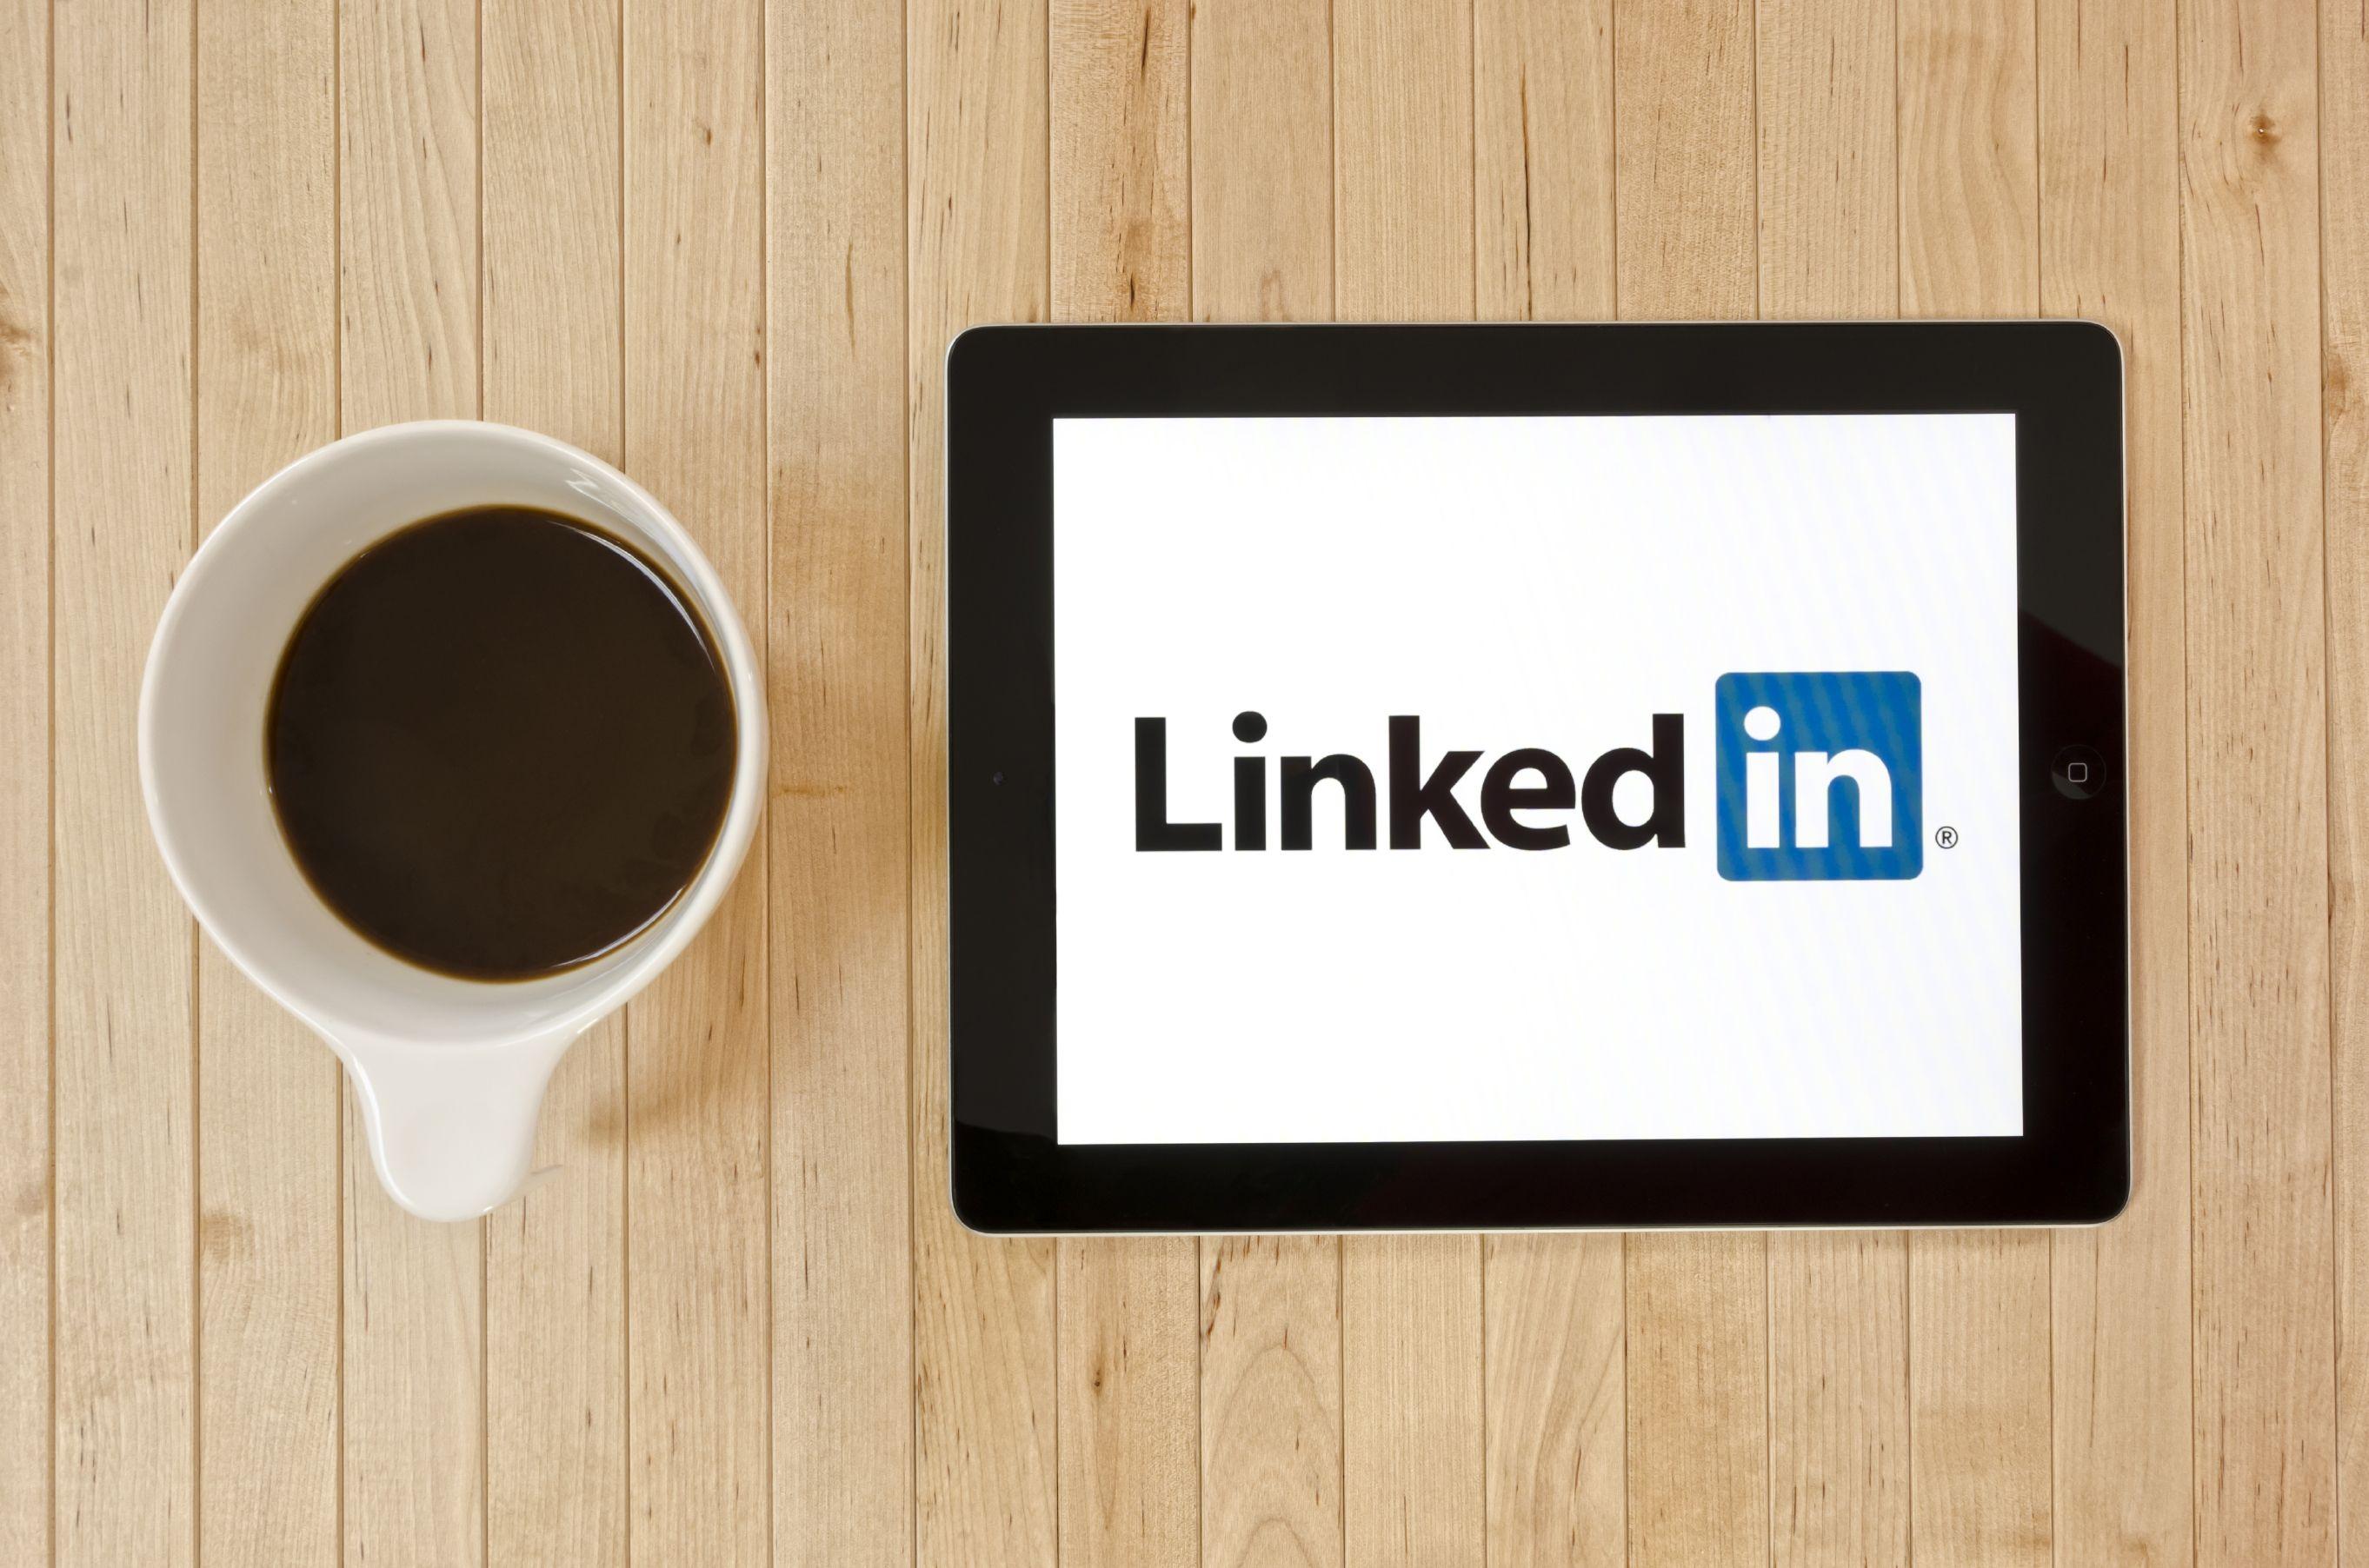 Το LinkedIn θα σας λέει πλέον πόσο χρόνο θα κάνετε να πάτε στη νέα σας δουλειά